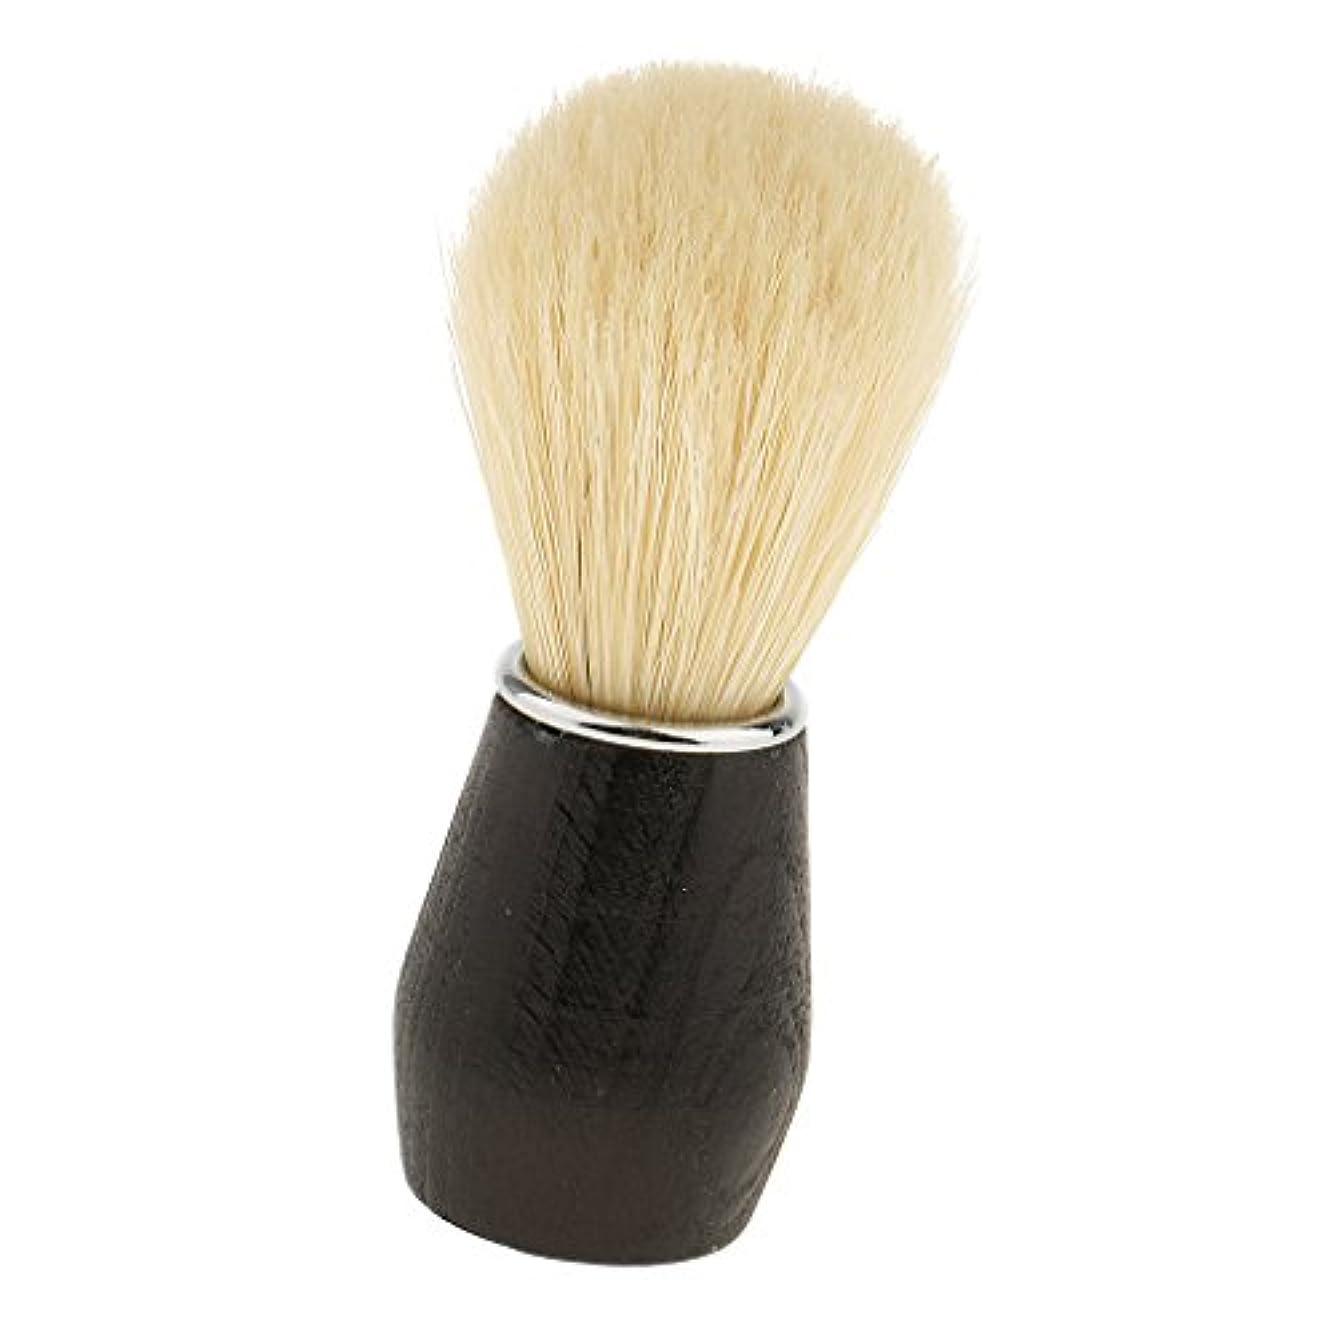 キャンドル真実にエンジニアBaosity 父のギフト ソフト 実用的 プロフェッショナル バーバーサロン家庭用 ひげ剃りブラシ プラスチックハンドル フェイシャルクリーニングブラシ ブラック